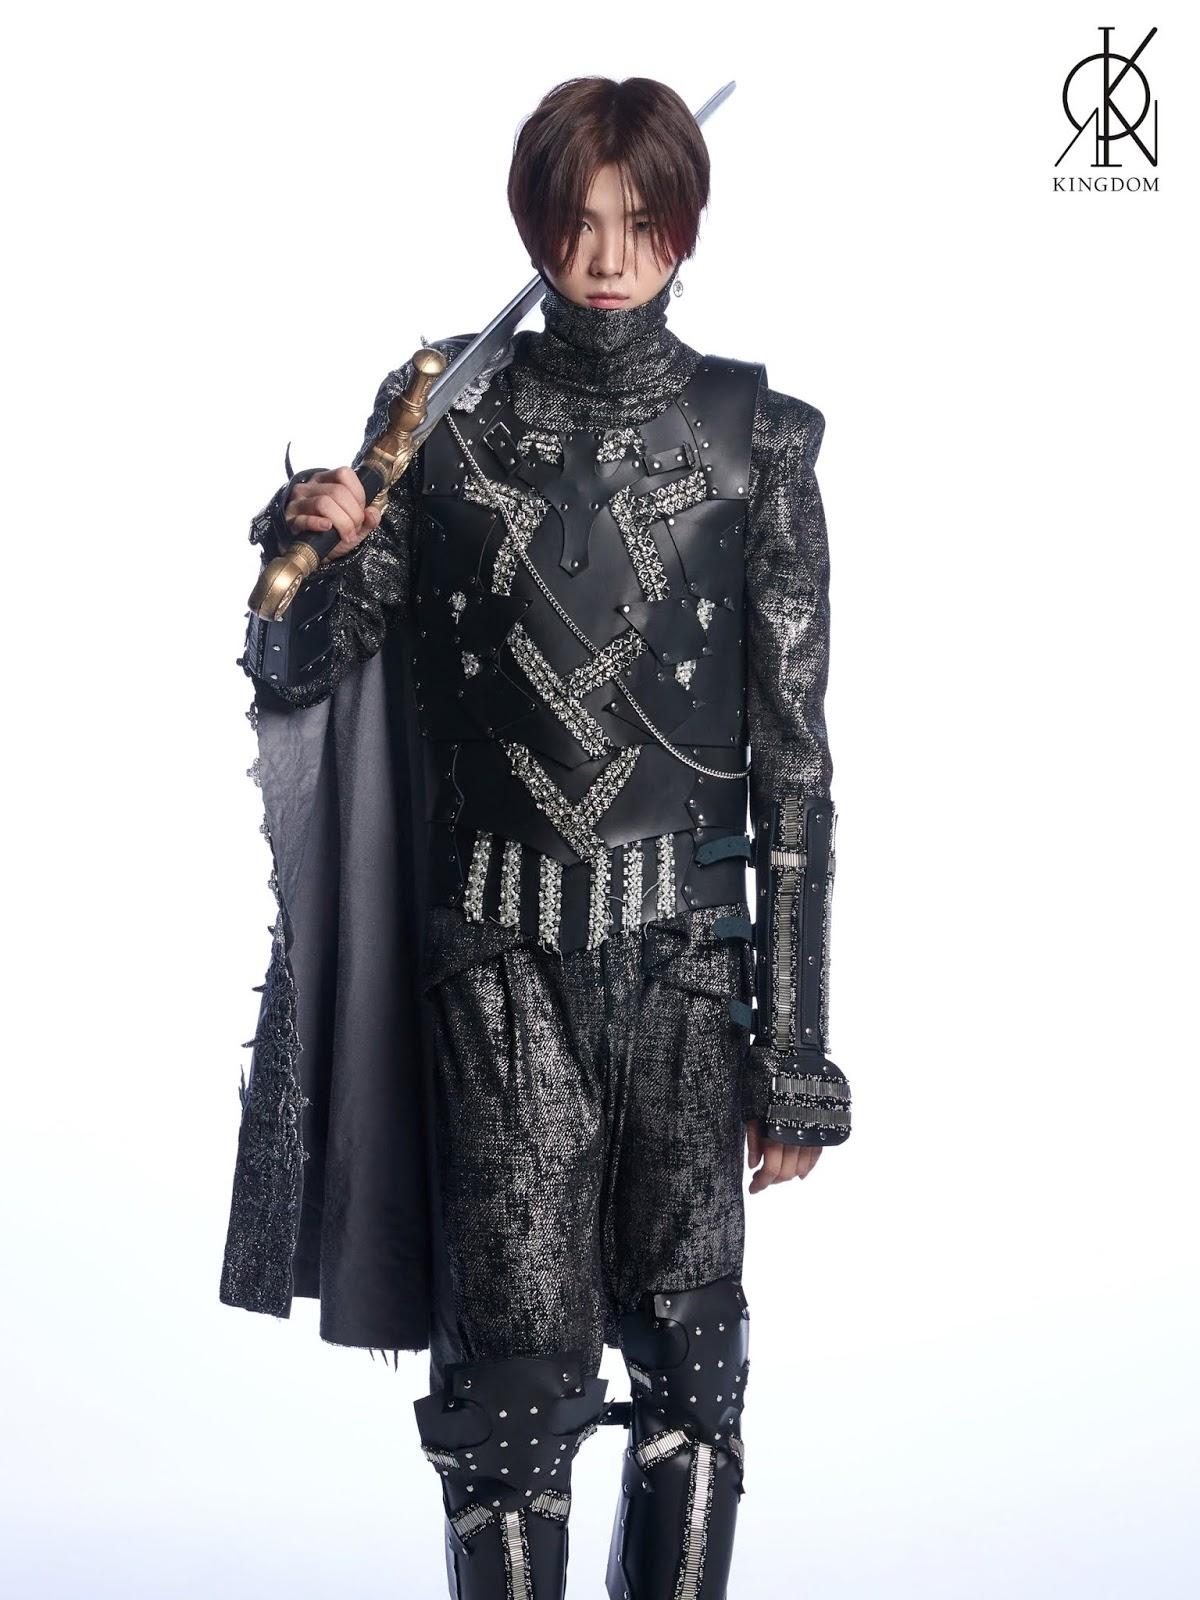 kingdom excalibur teaser mujin